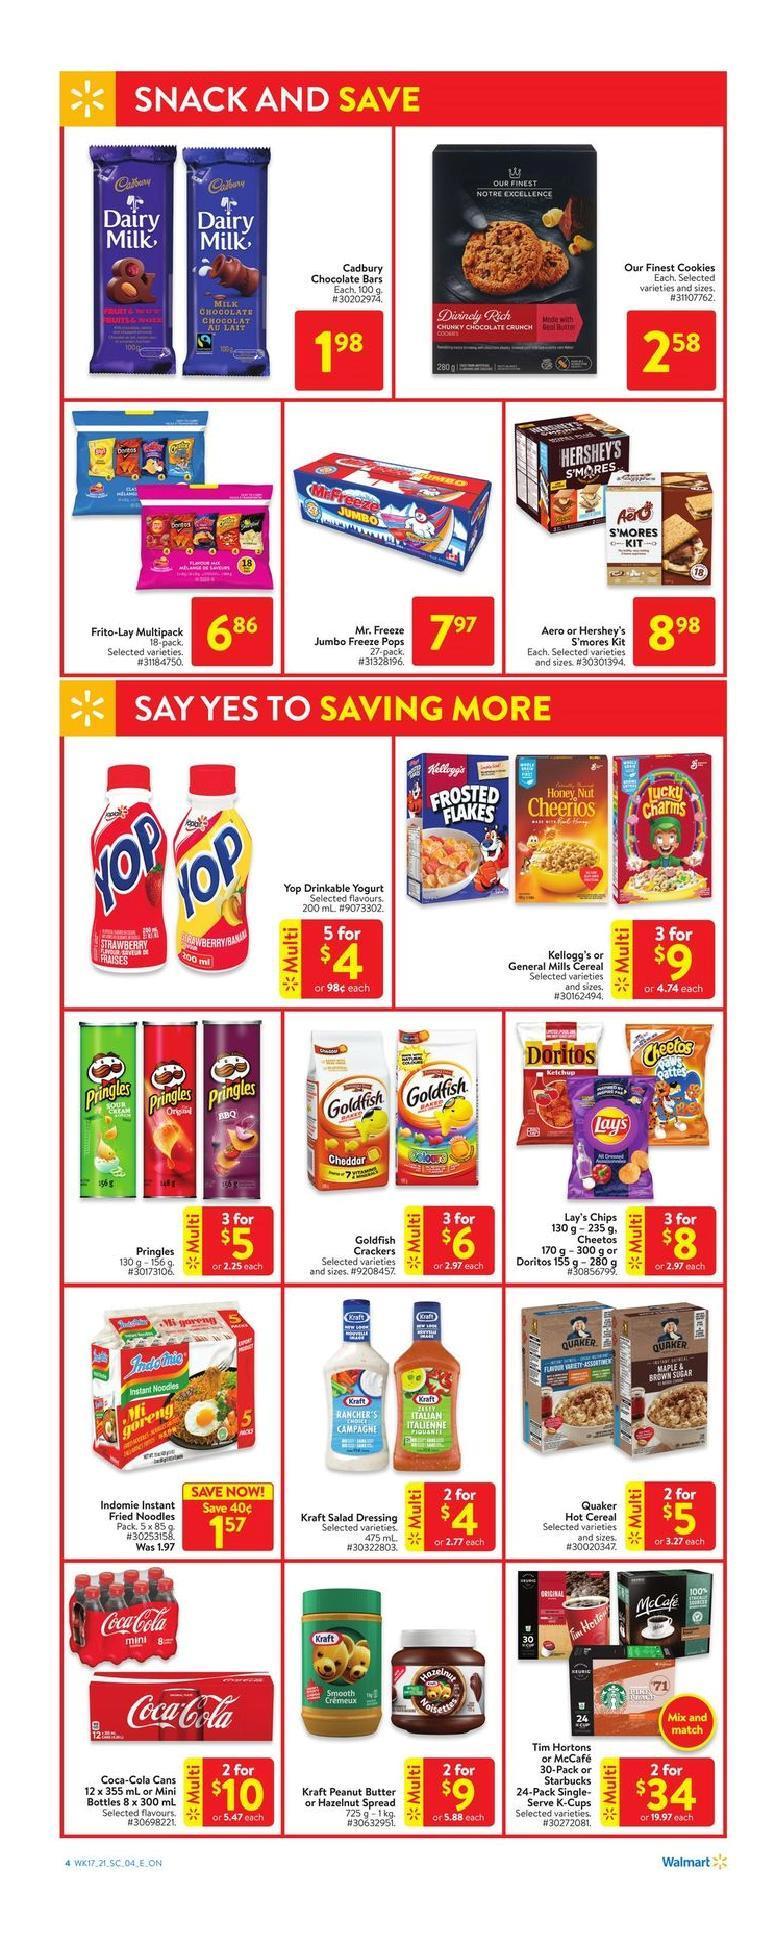 04 Walmart Supercentre Flyer May 20 May 26 2021